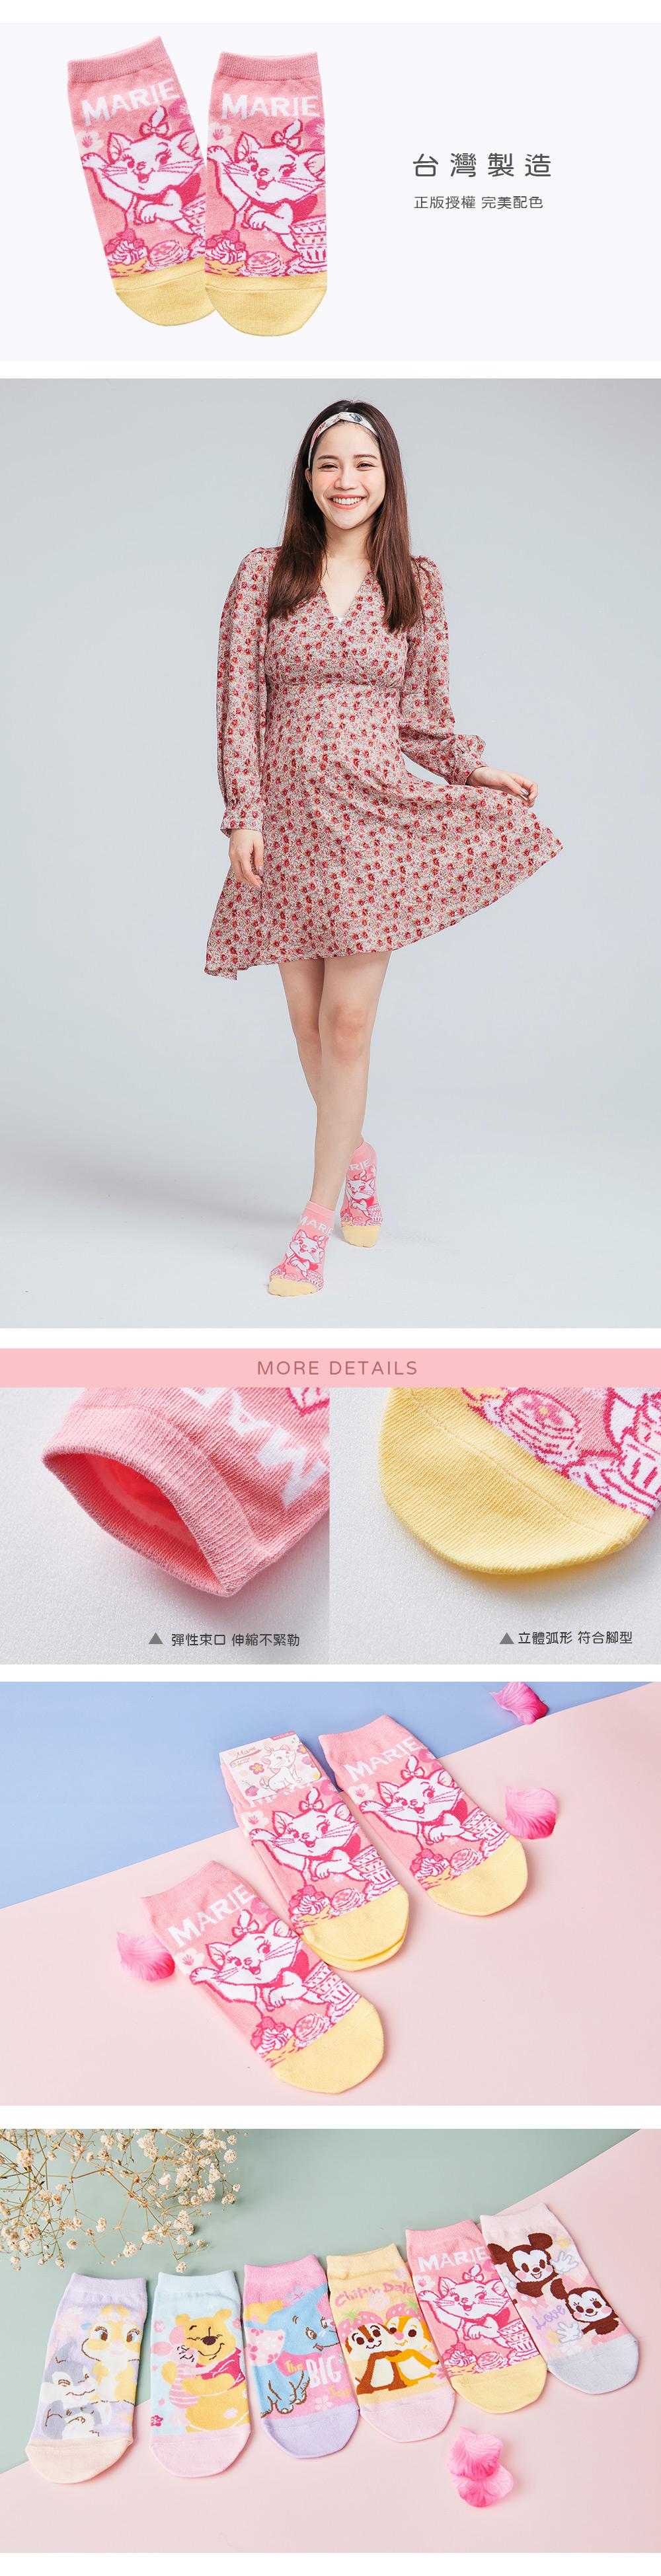 瑪莉貓櫻花系列直版襪-03